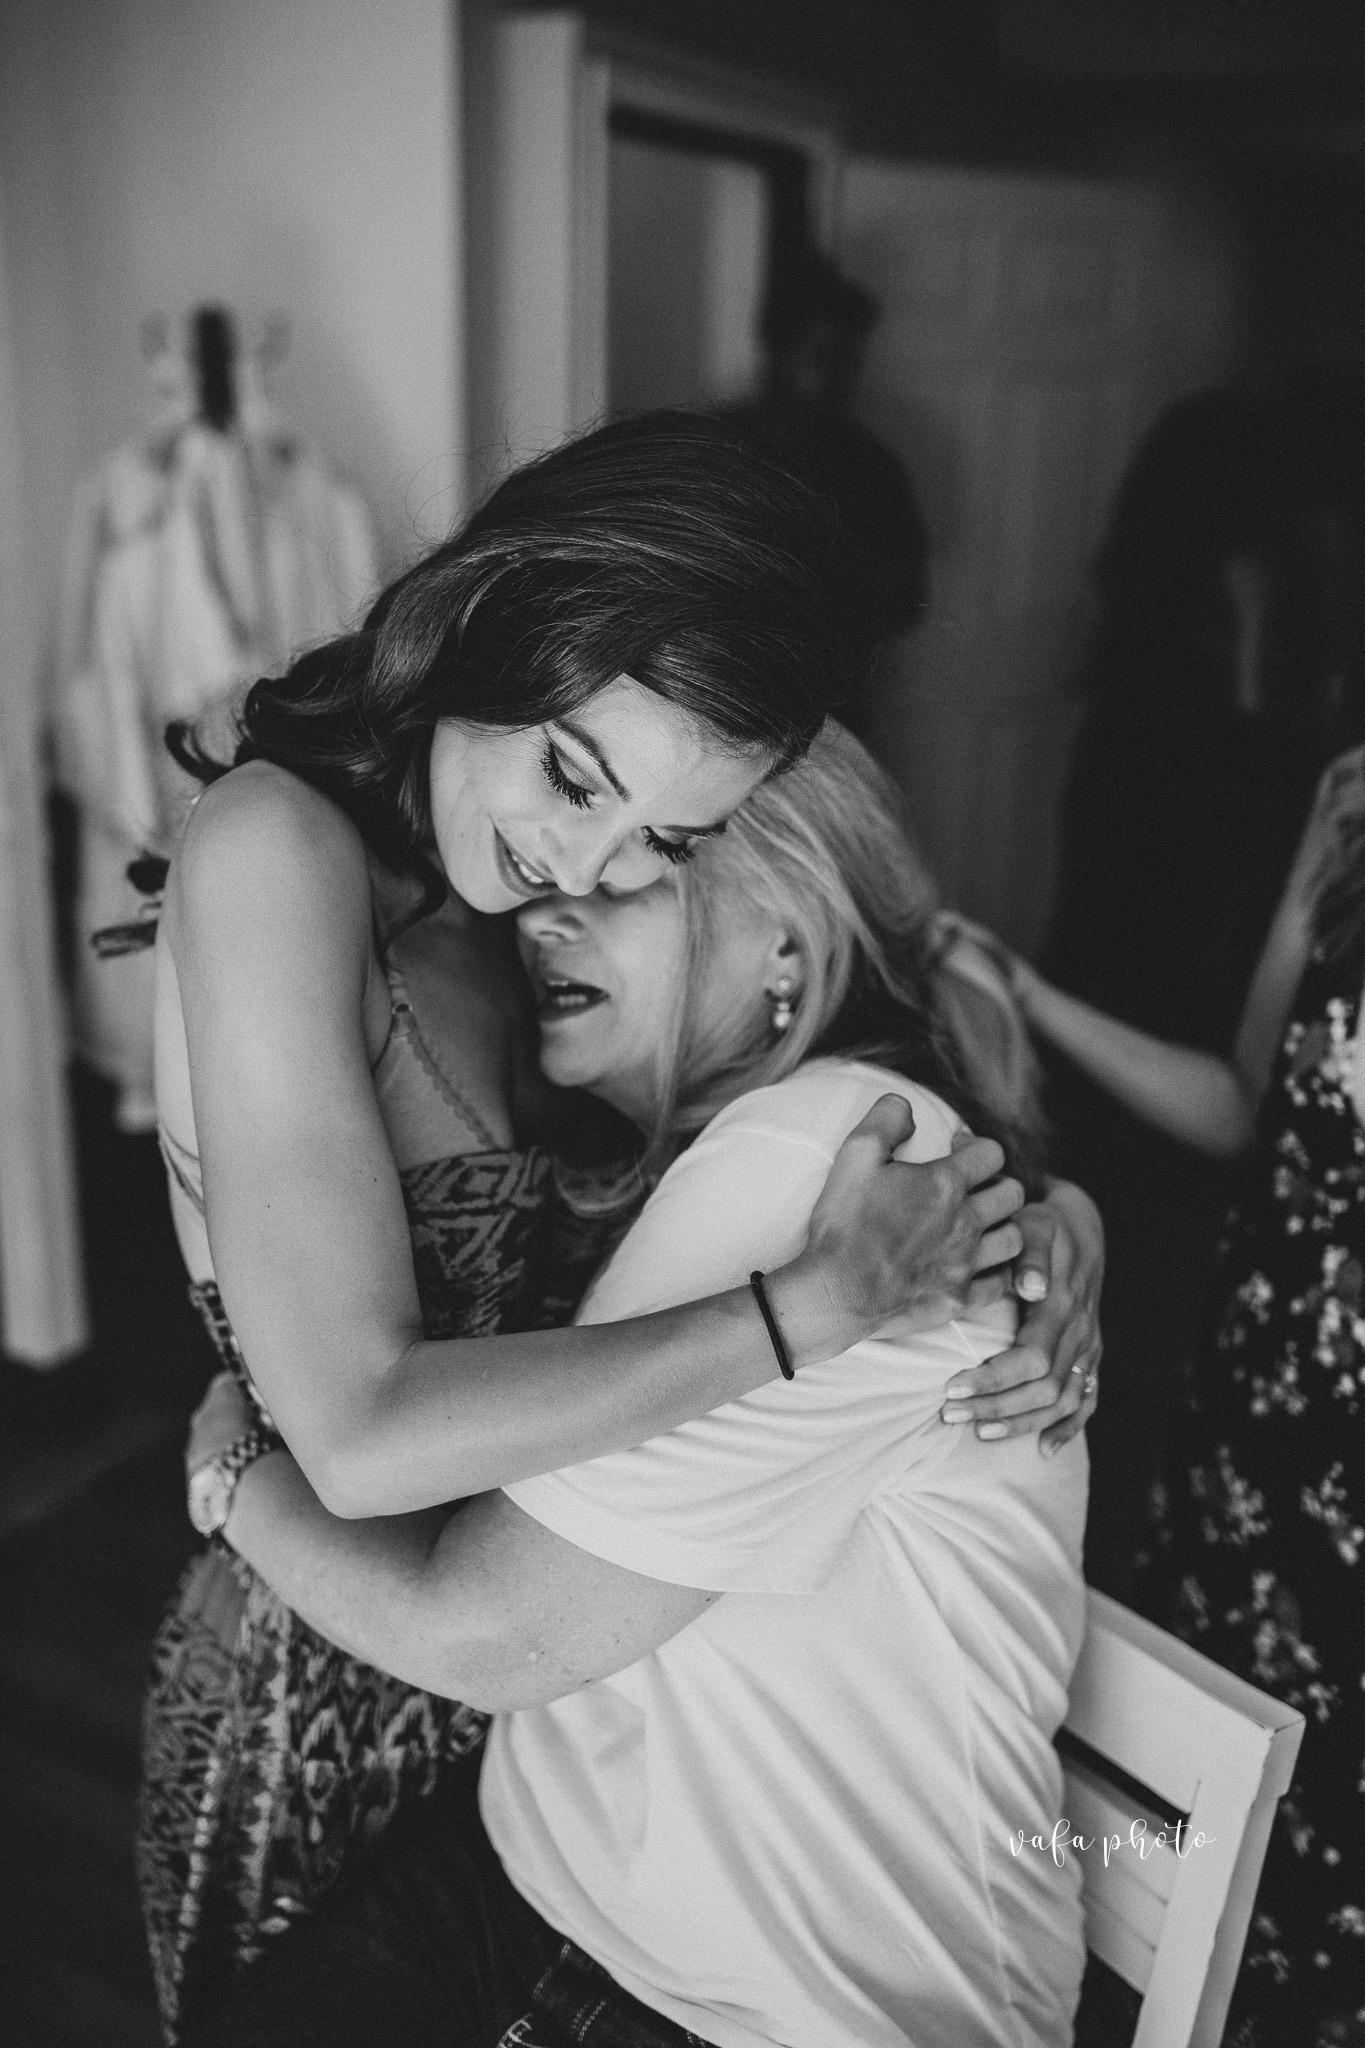 Southern-California-Wedding-Britt-Nilsson-Jeremy-Byrne-Vafa-Photo-47.jpg